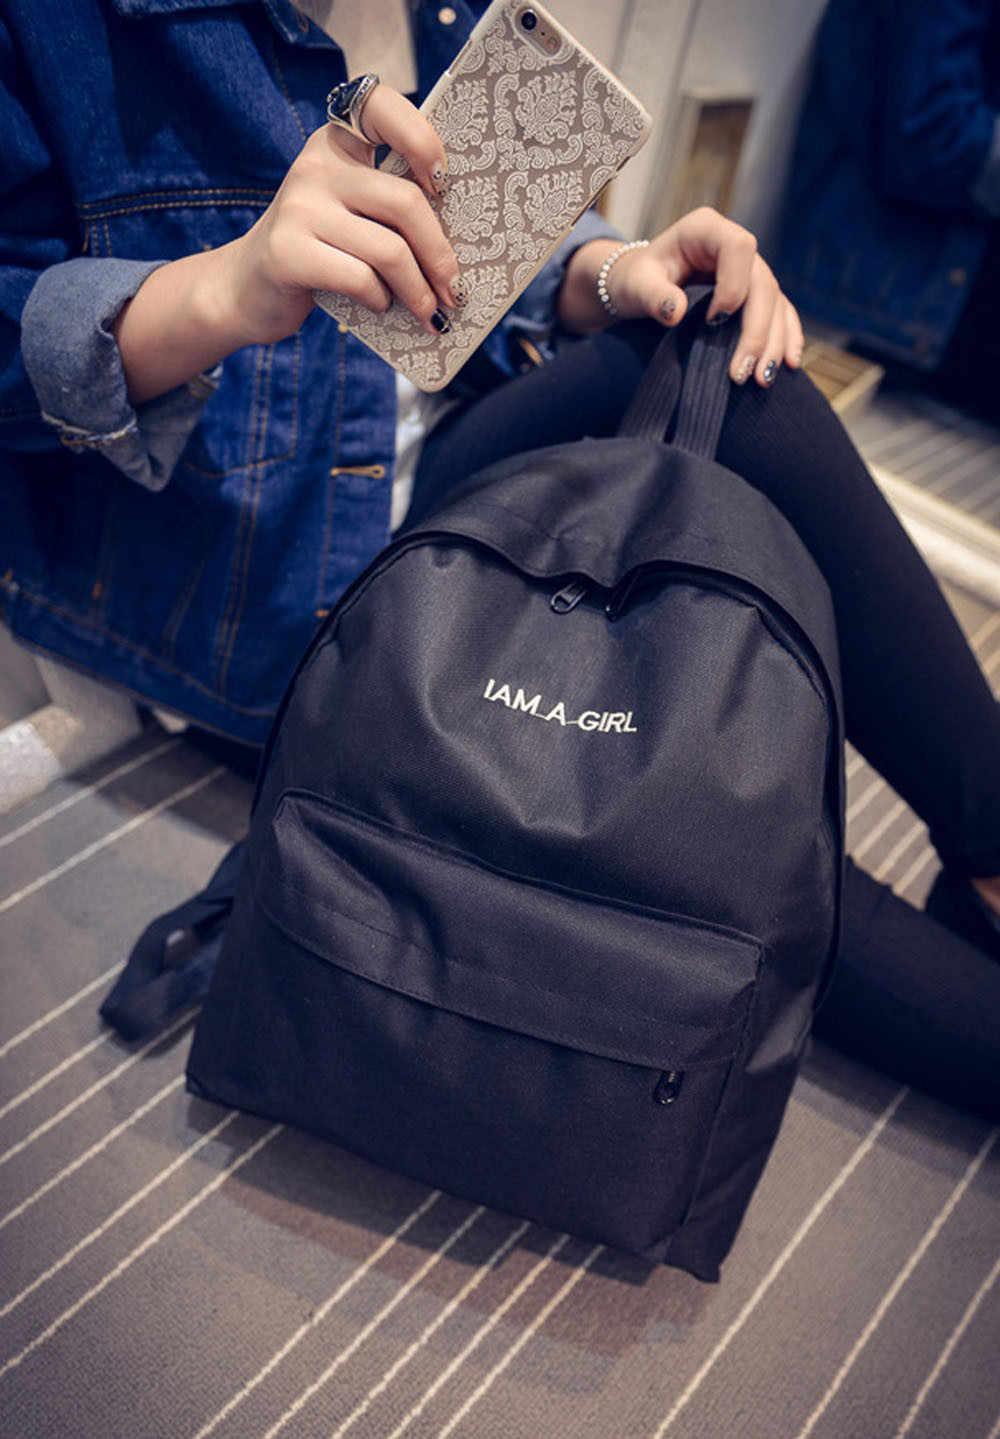 Mochilas Escolares mochila para Adolescentes Meninos Meninas Mochila Canvas Escola Mochila Bagpack Viagem Grande Capacidade Mochila #5 $